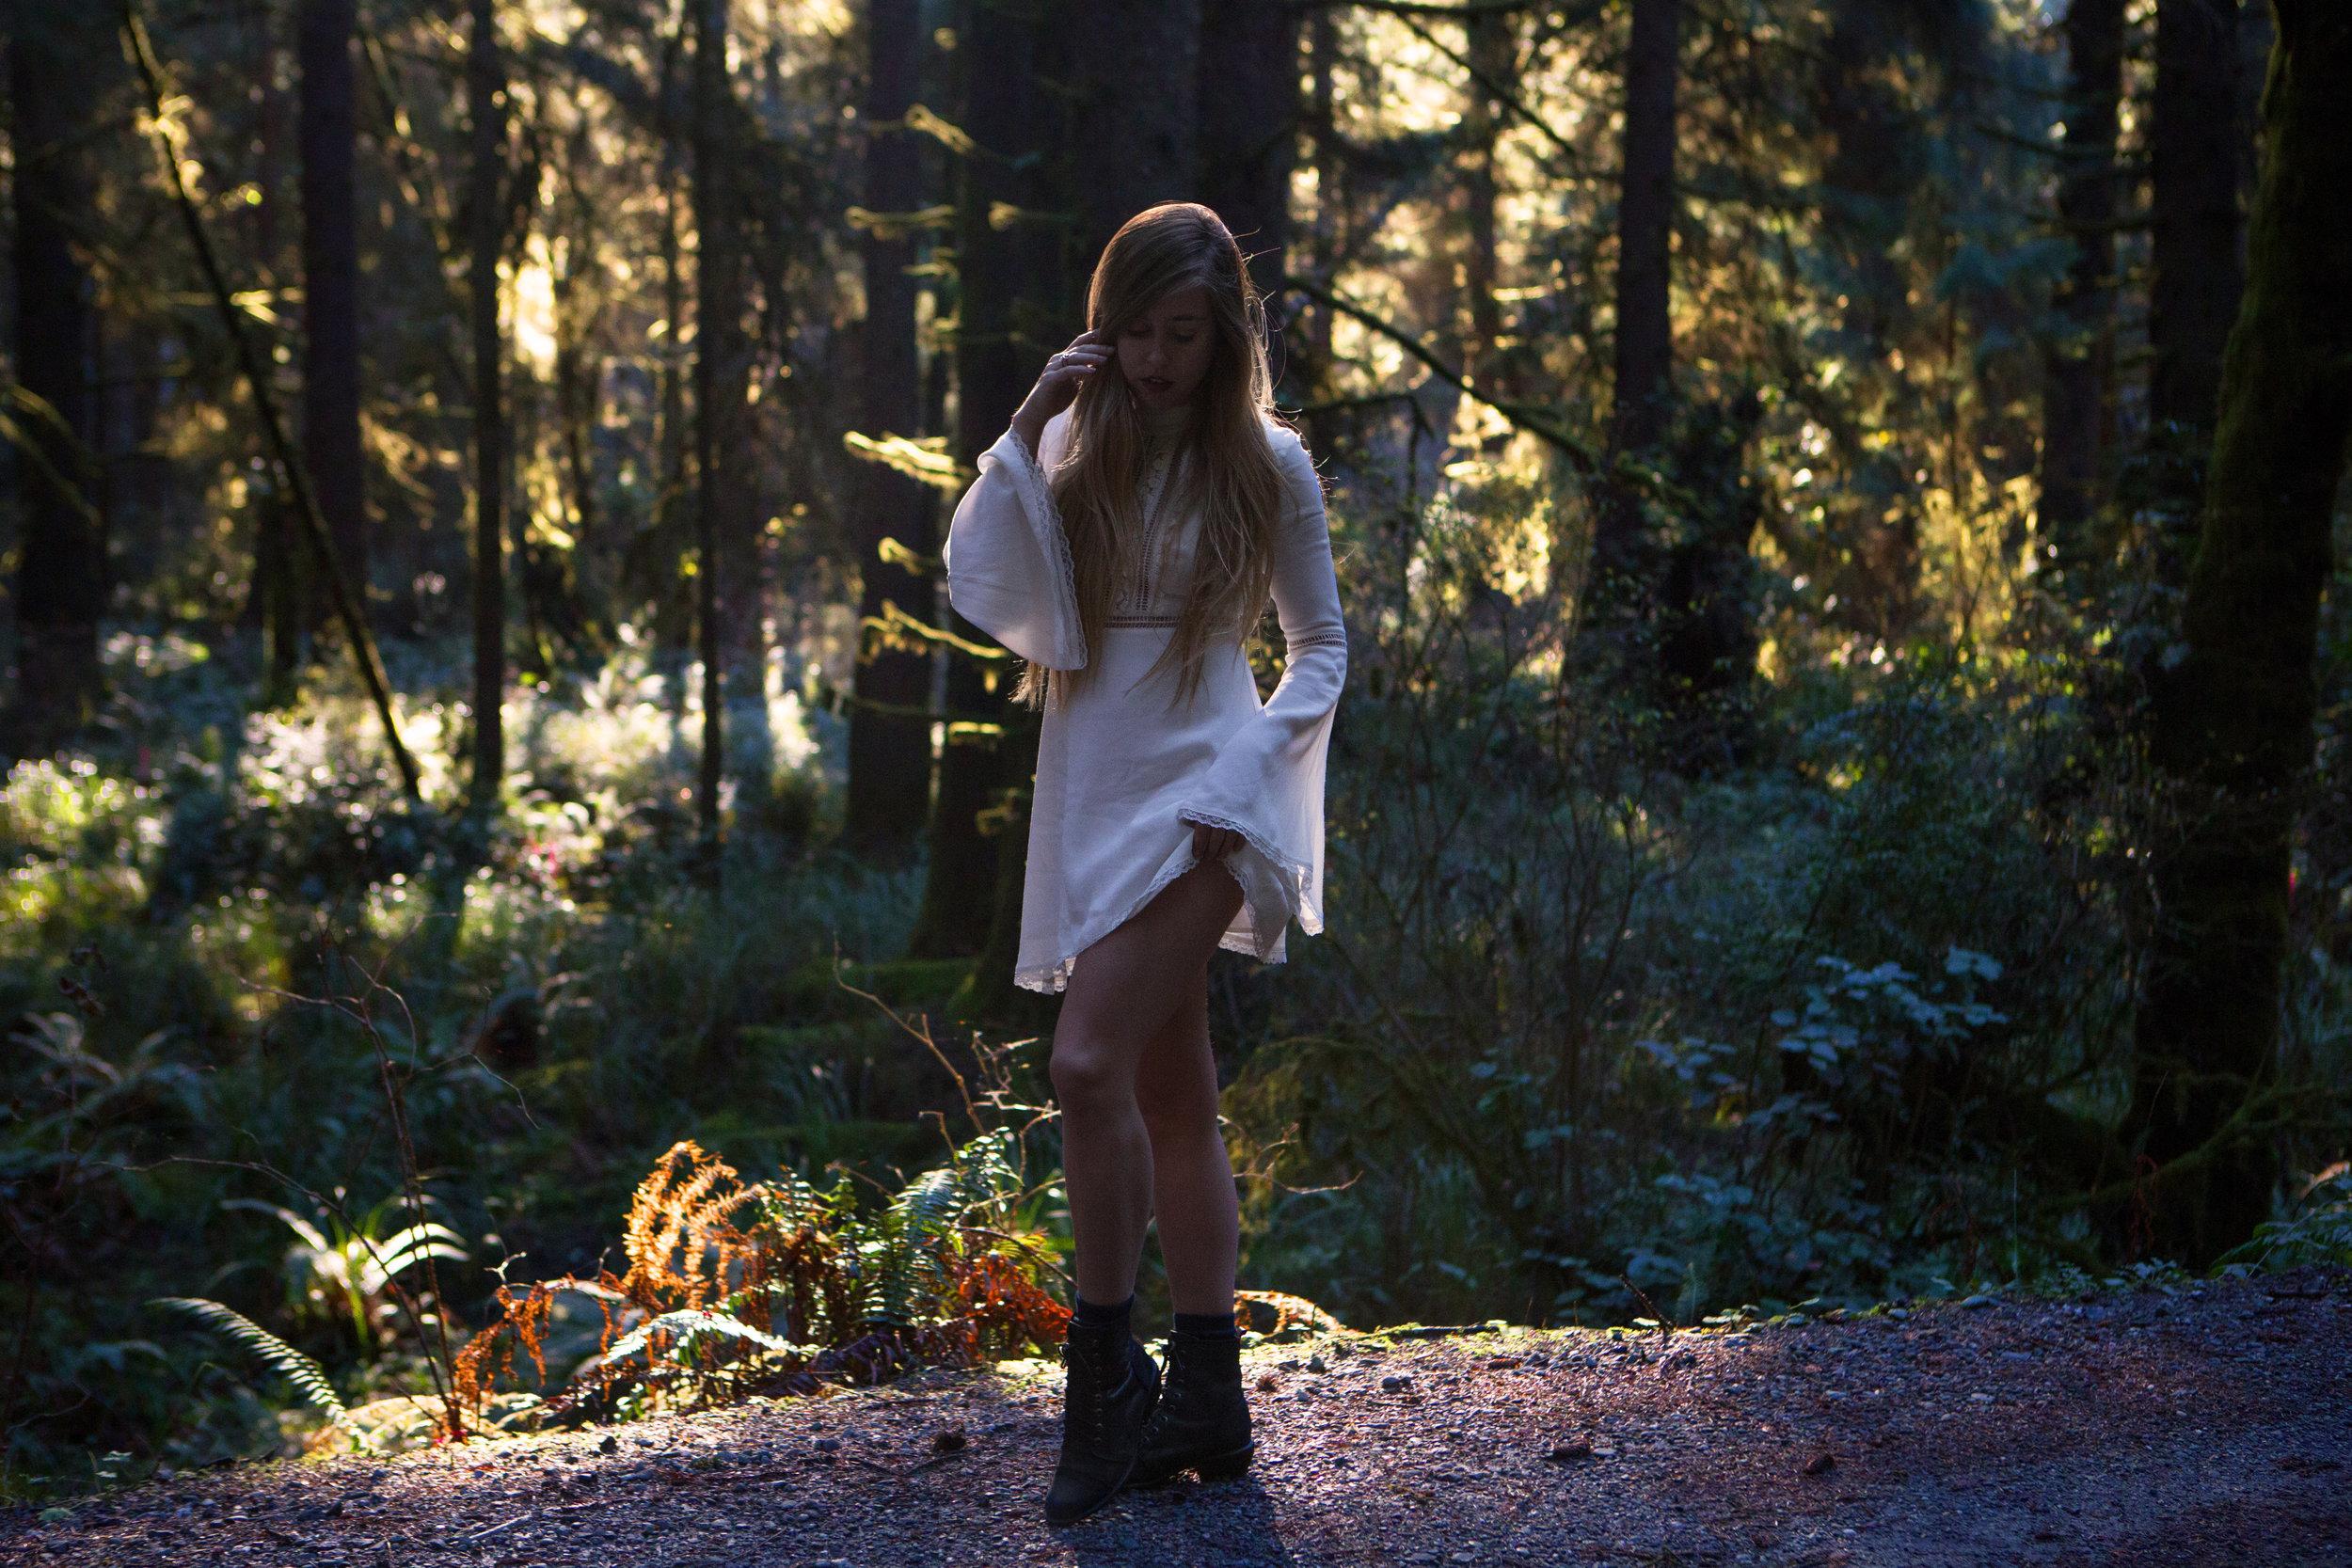 AstroBandit_ForLoveandLemons_Redwoods_PrairieCreek_WhiteDress_5.jpg